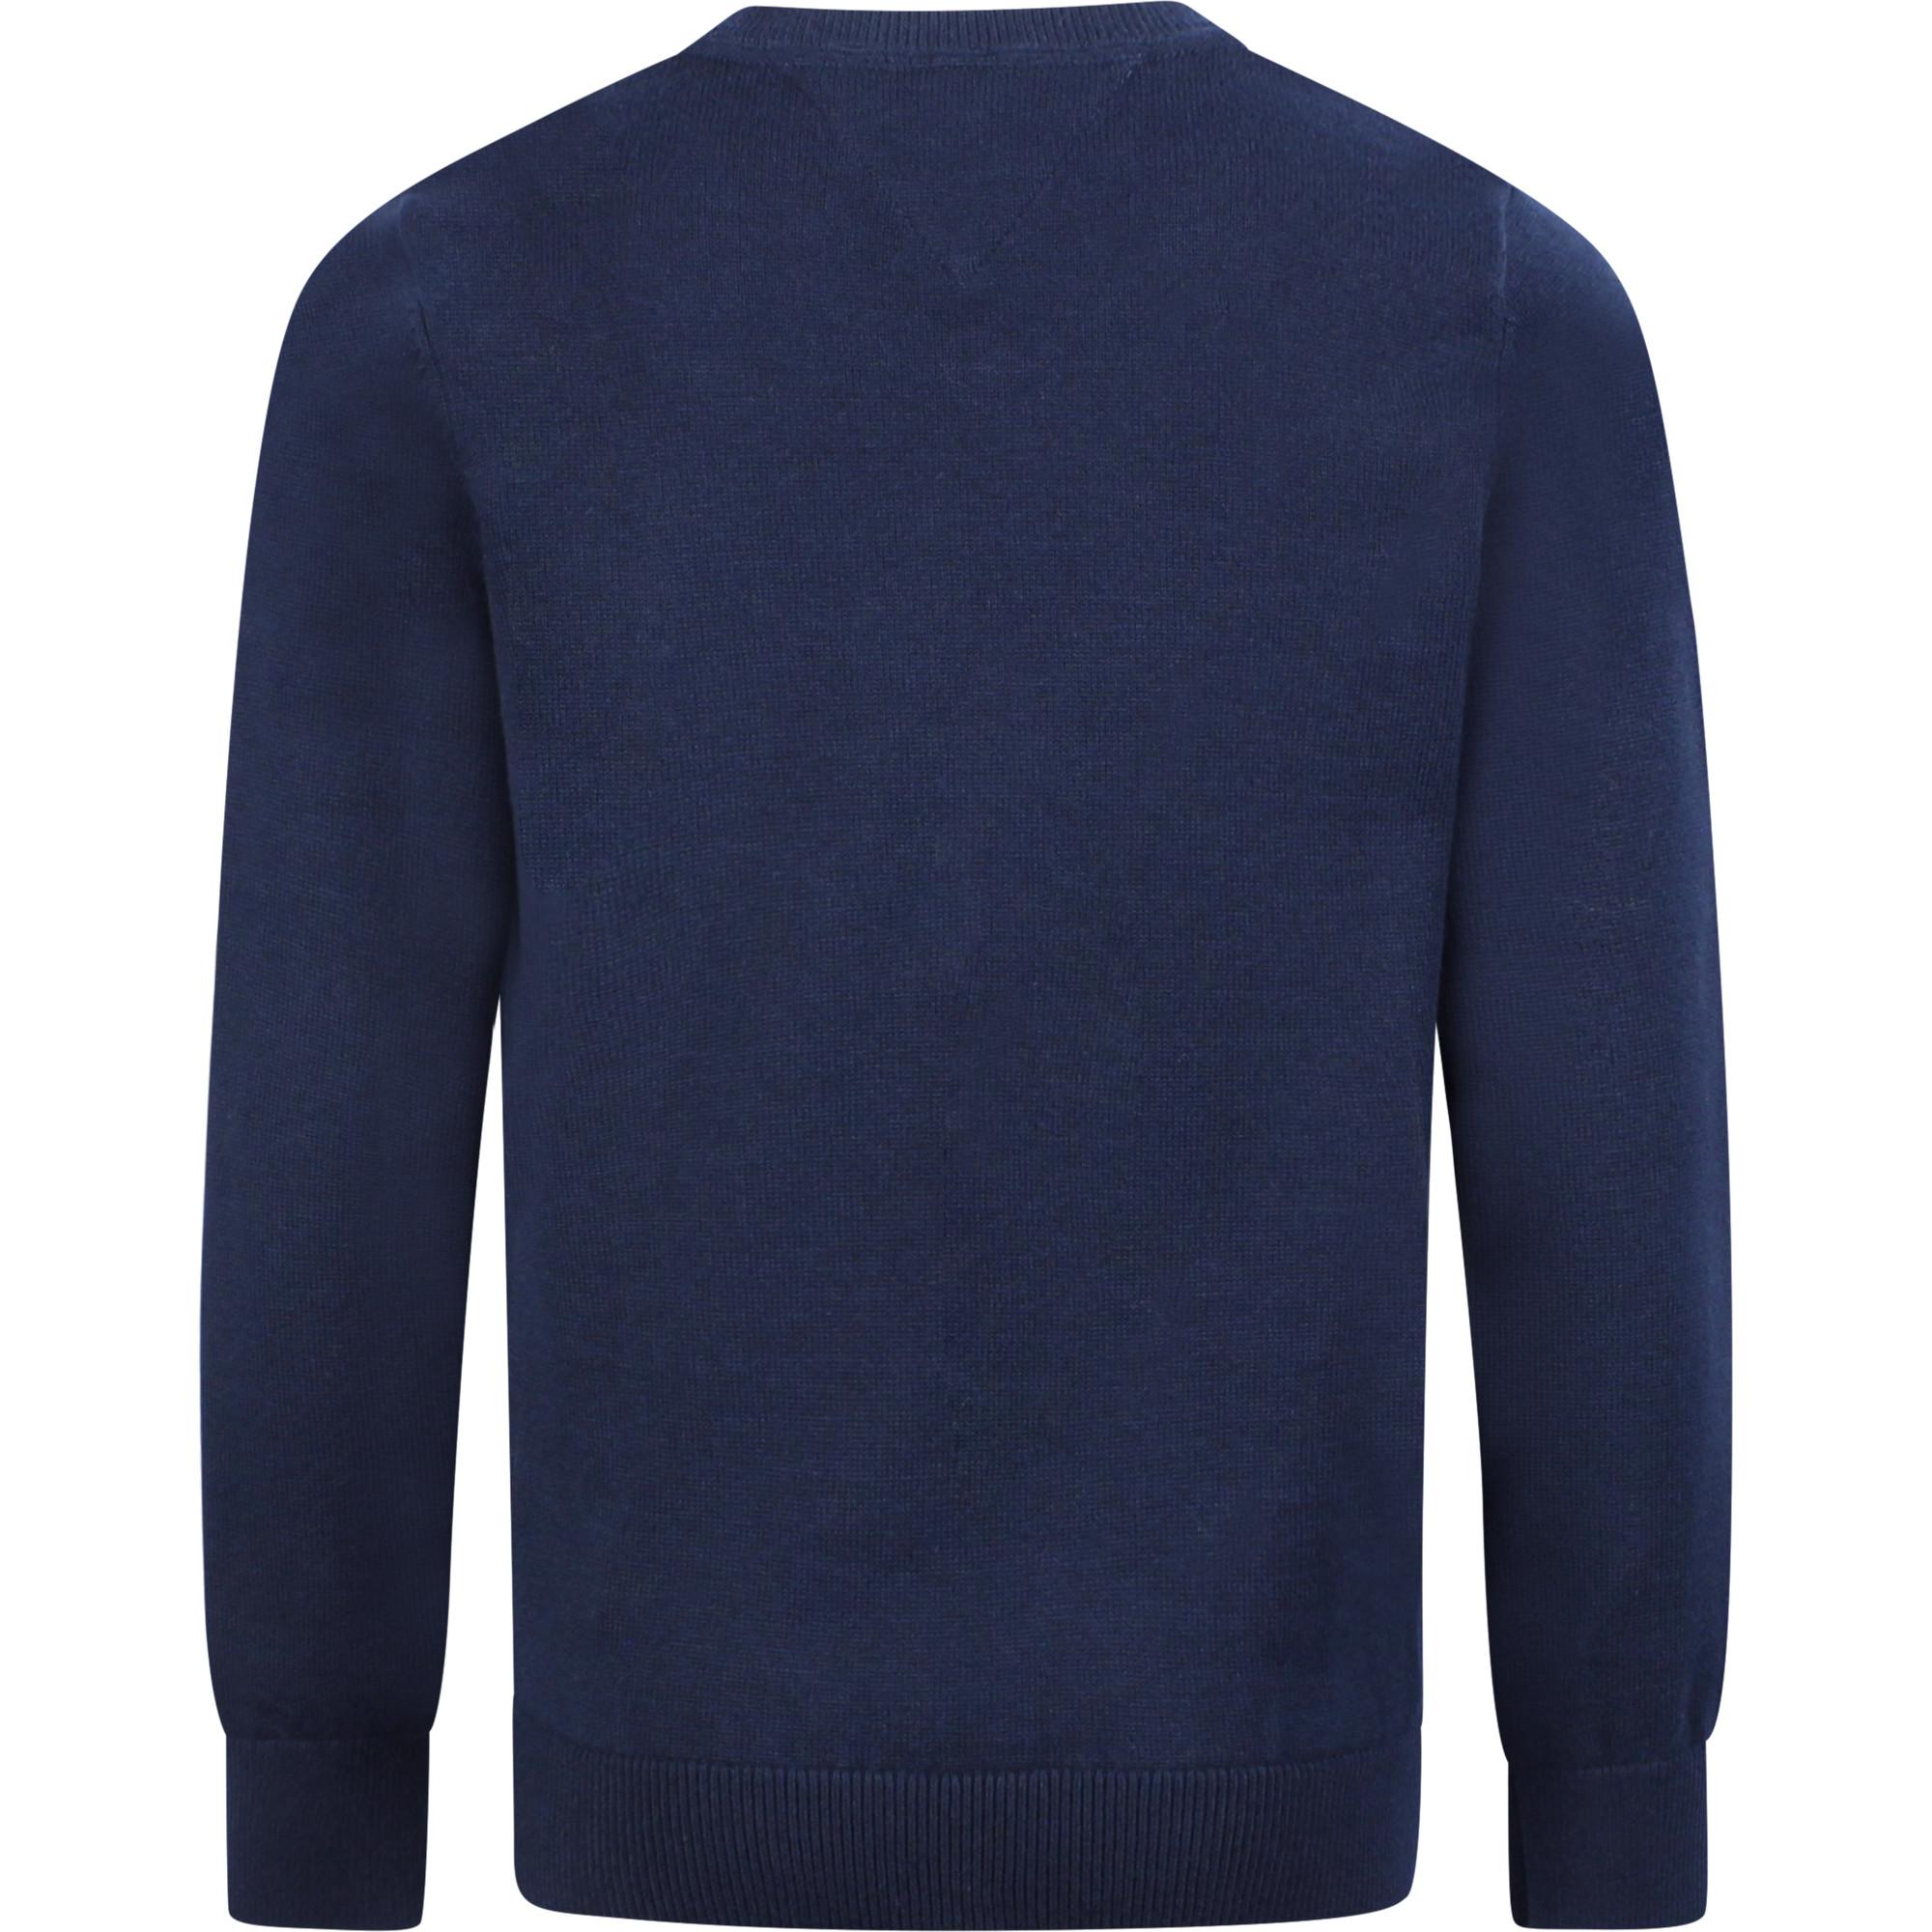 Tommy Hilfiger Long Sleeve Boys V-Neck Sweater